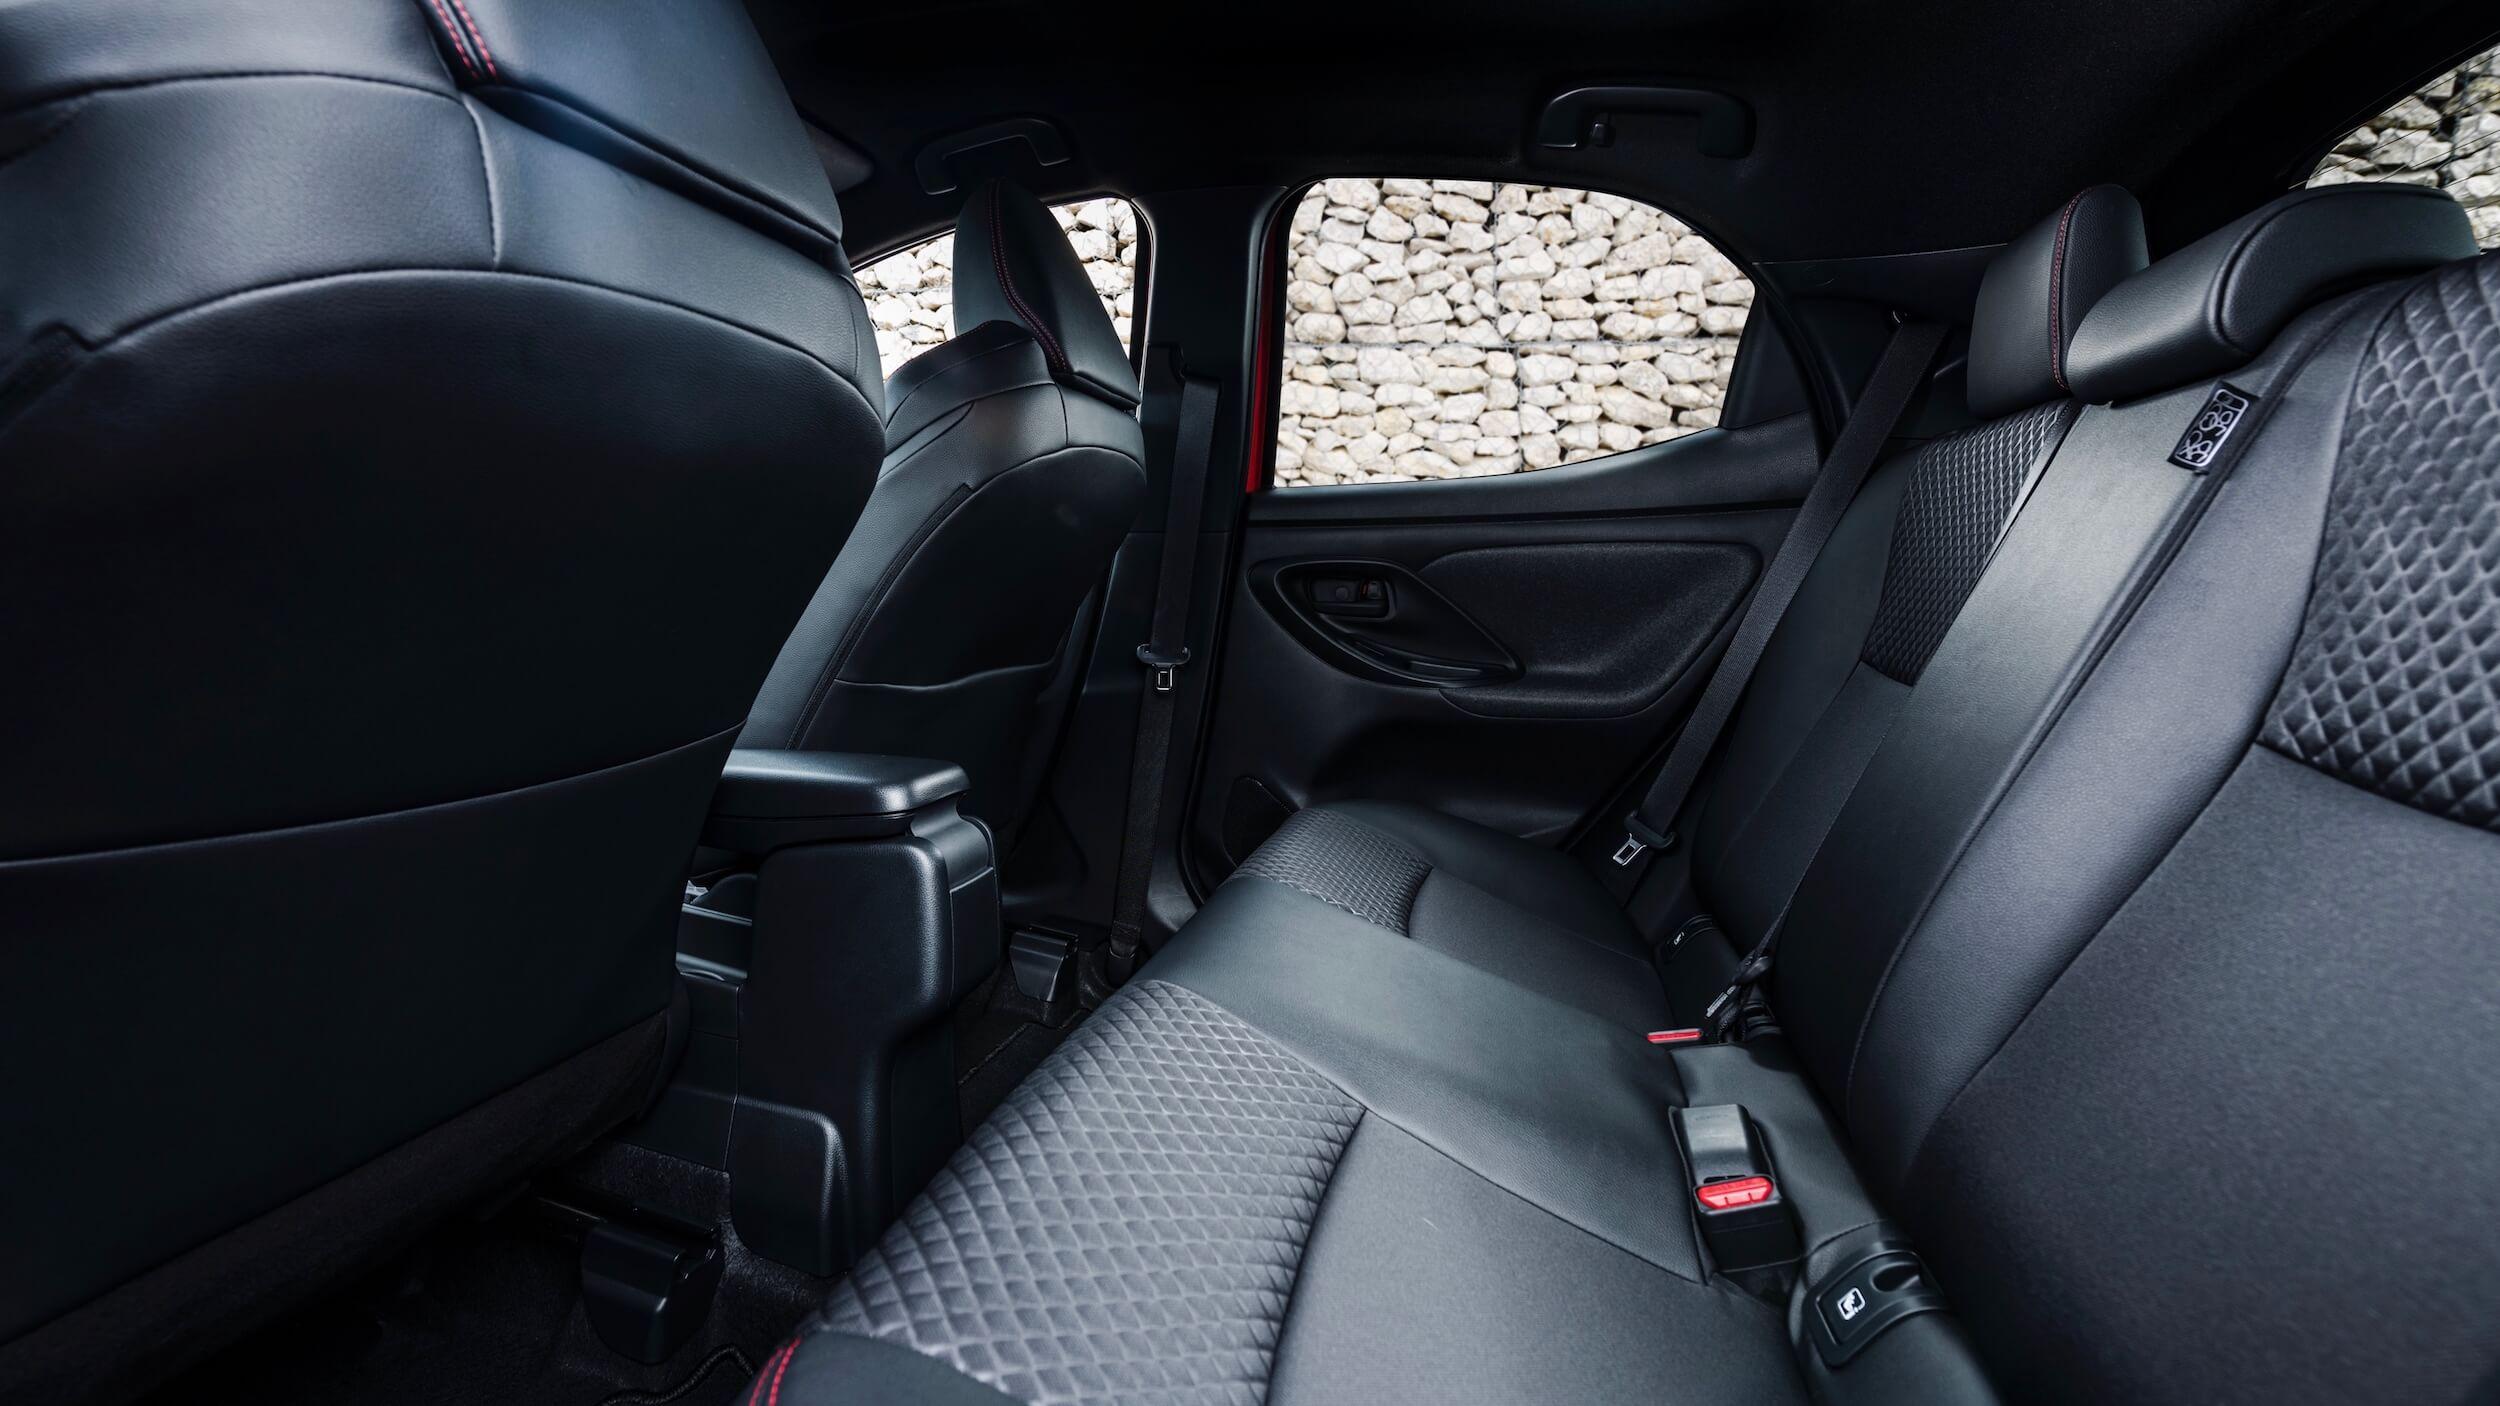 2020 Toyota Yaris híbrido banco traseiro